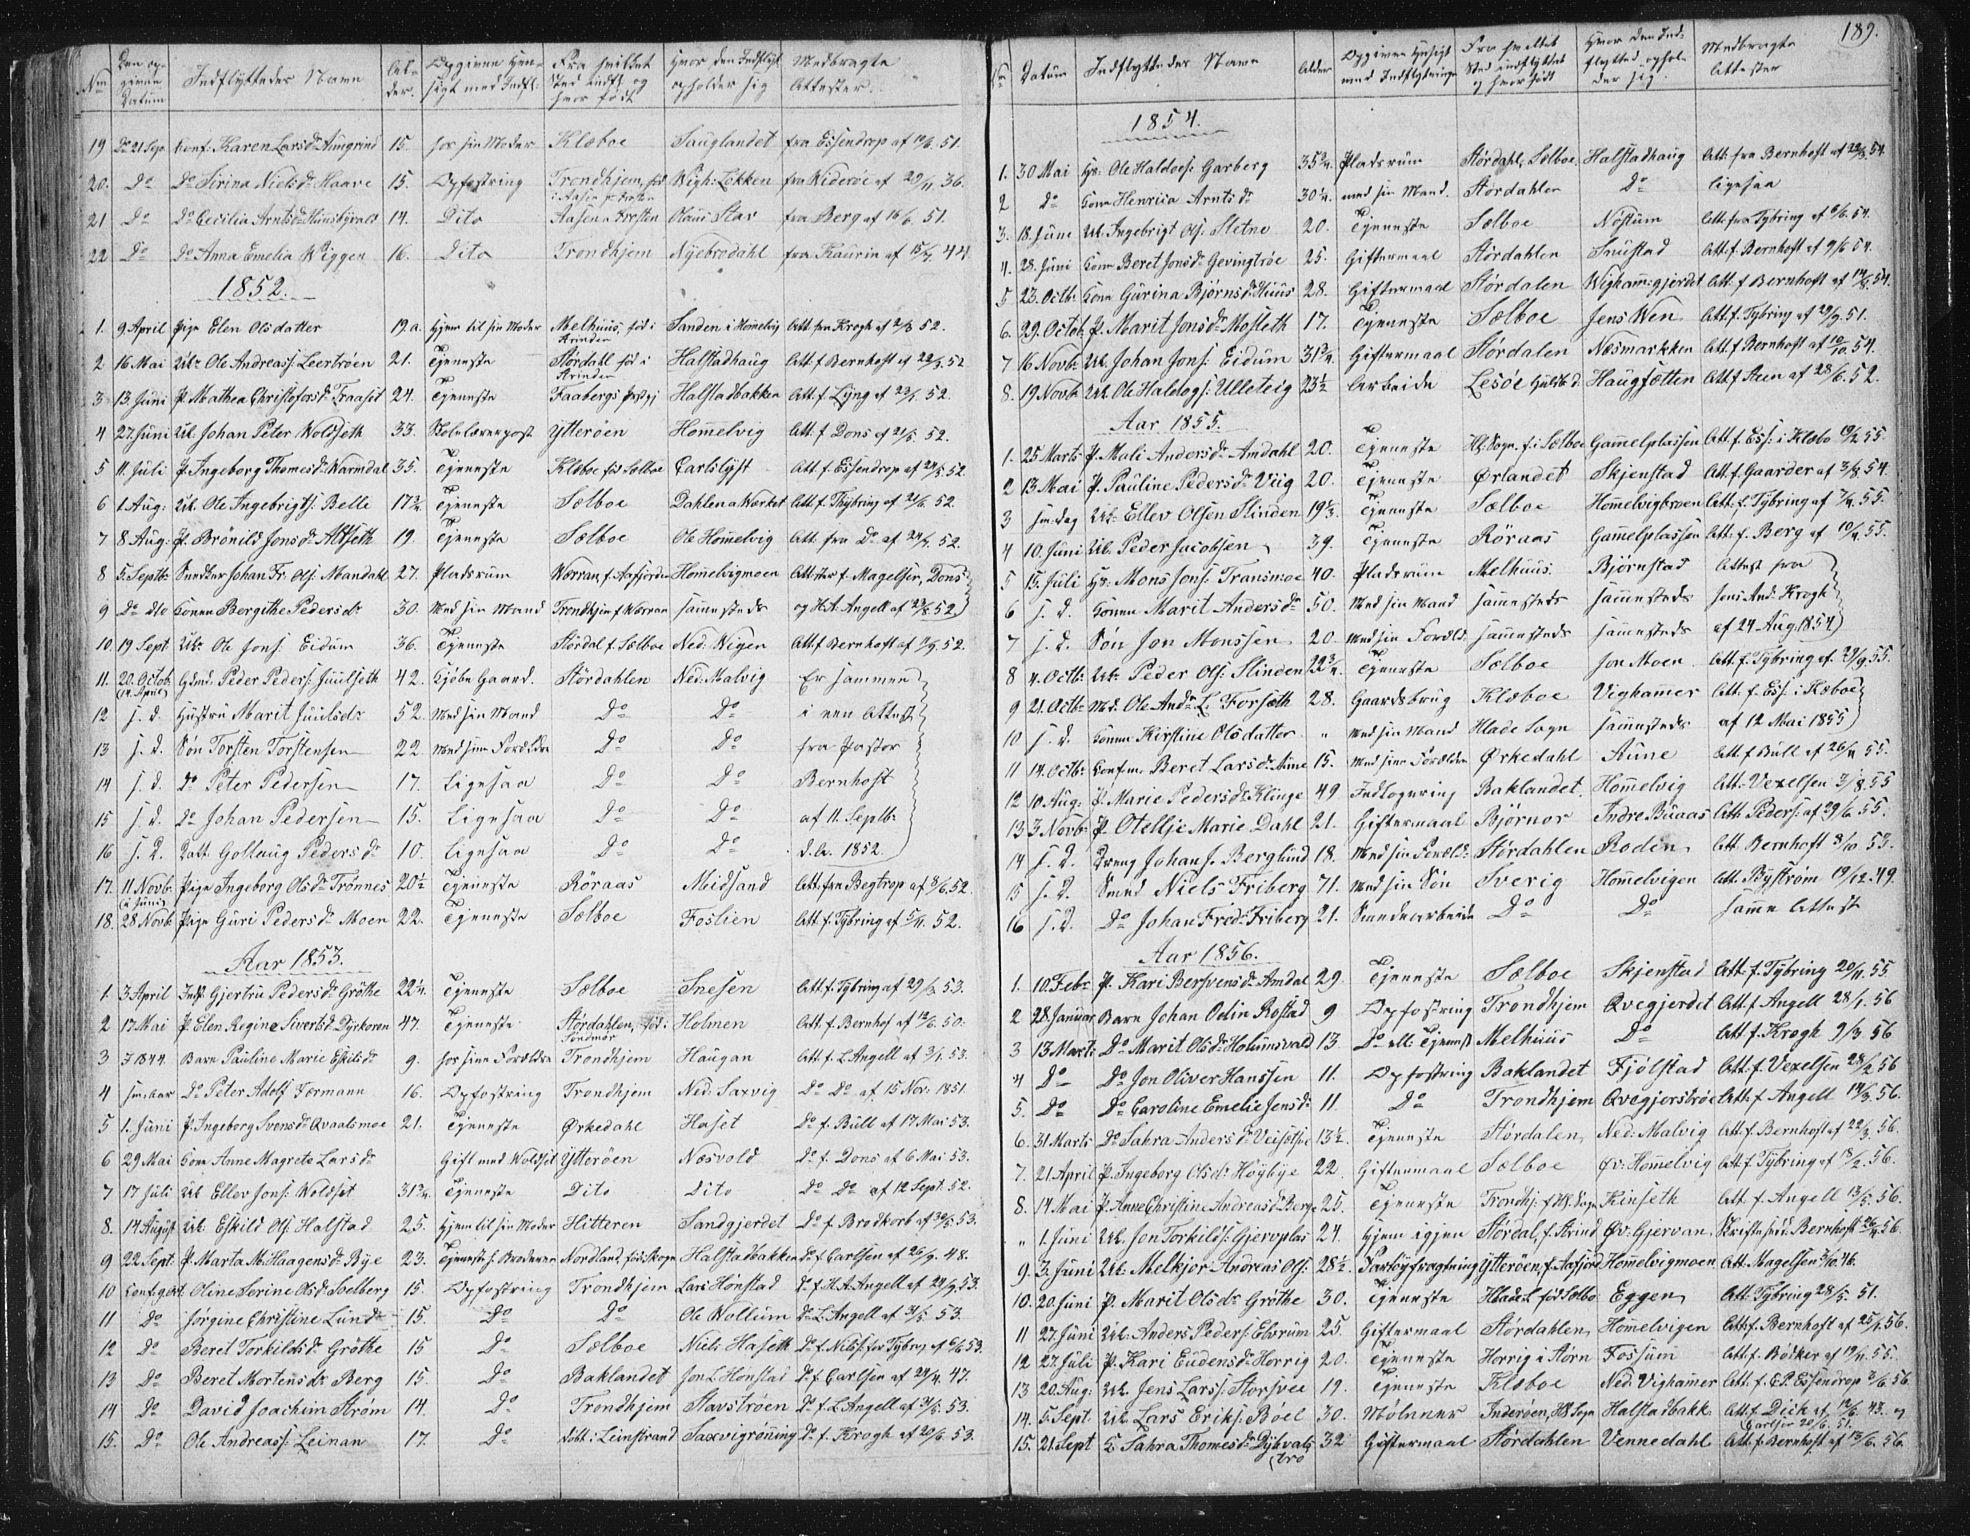 SAT, Ministerialprotokoller, klokkerbøker og fødselsregistre - Sør-Trøndelag, 616/L0406: Ministerialbok nr. 616A03, 1843-1879, s. 189